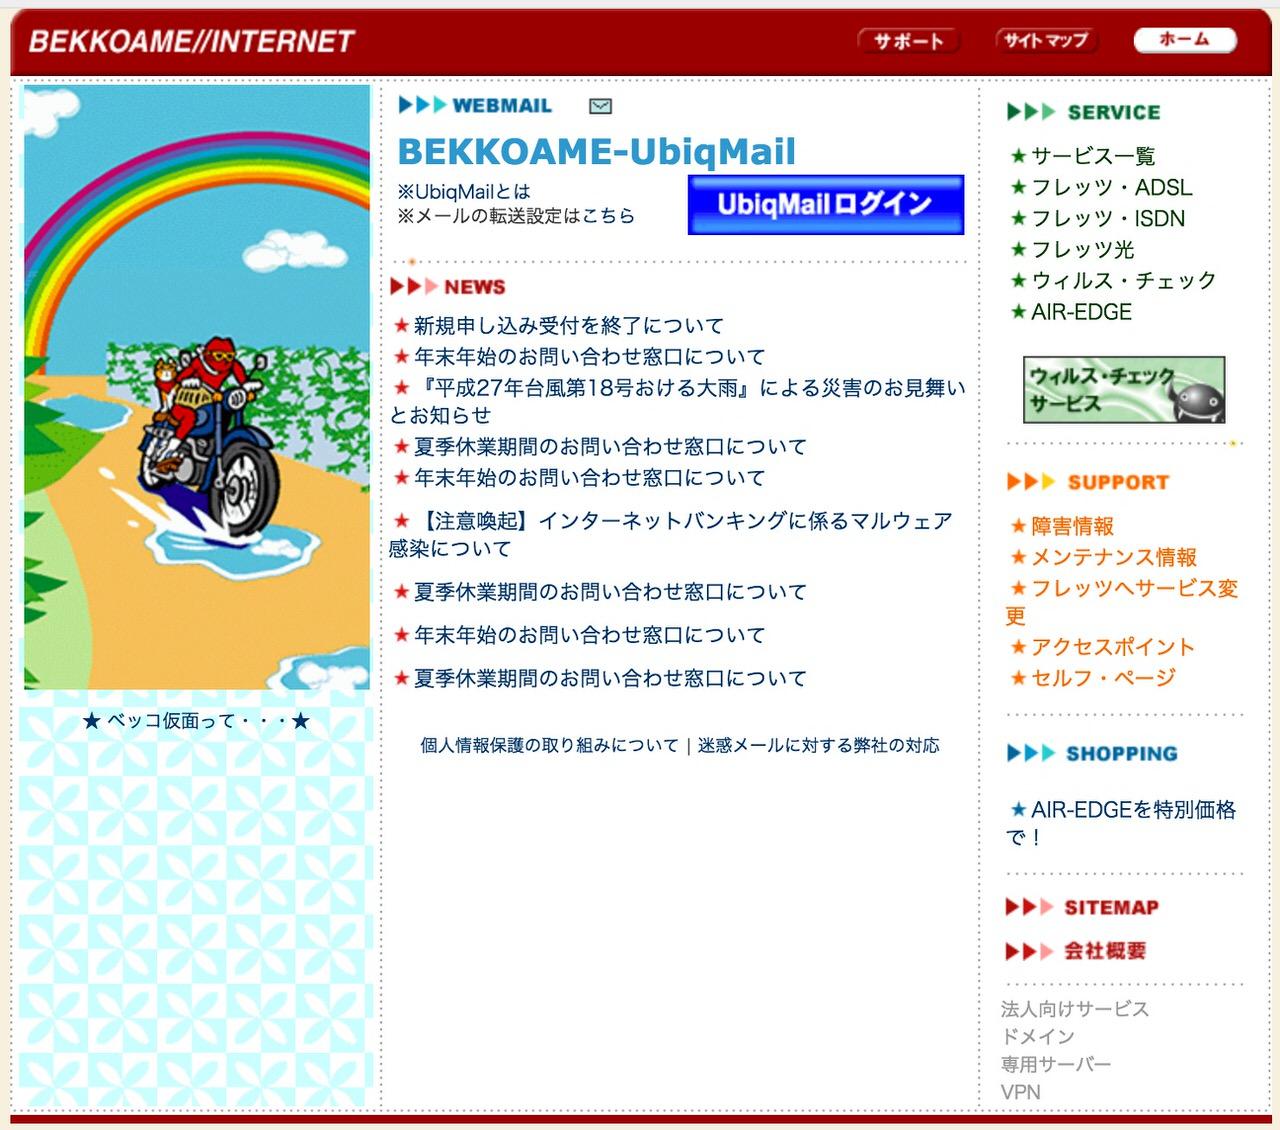 日本のインターネットブームの先鞭をつけた「BEKKOAME」新規申込受付を終了